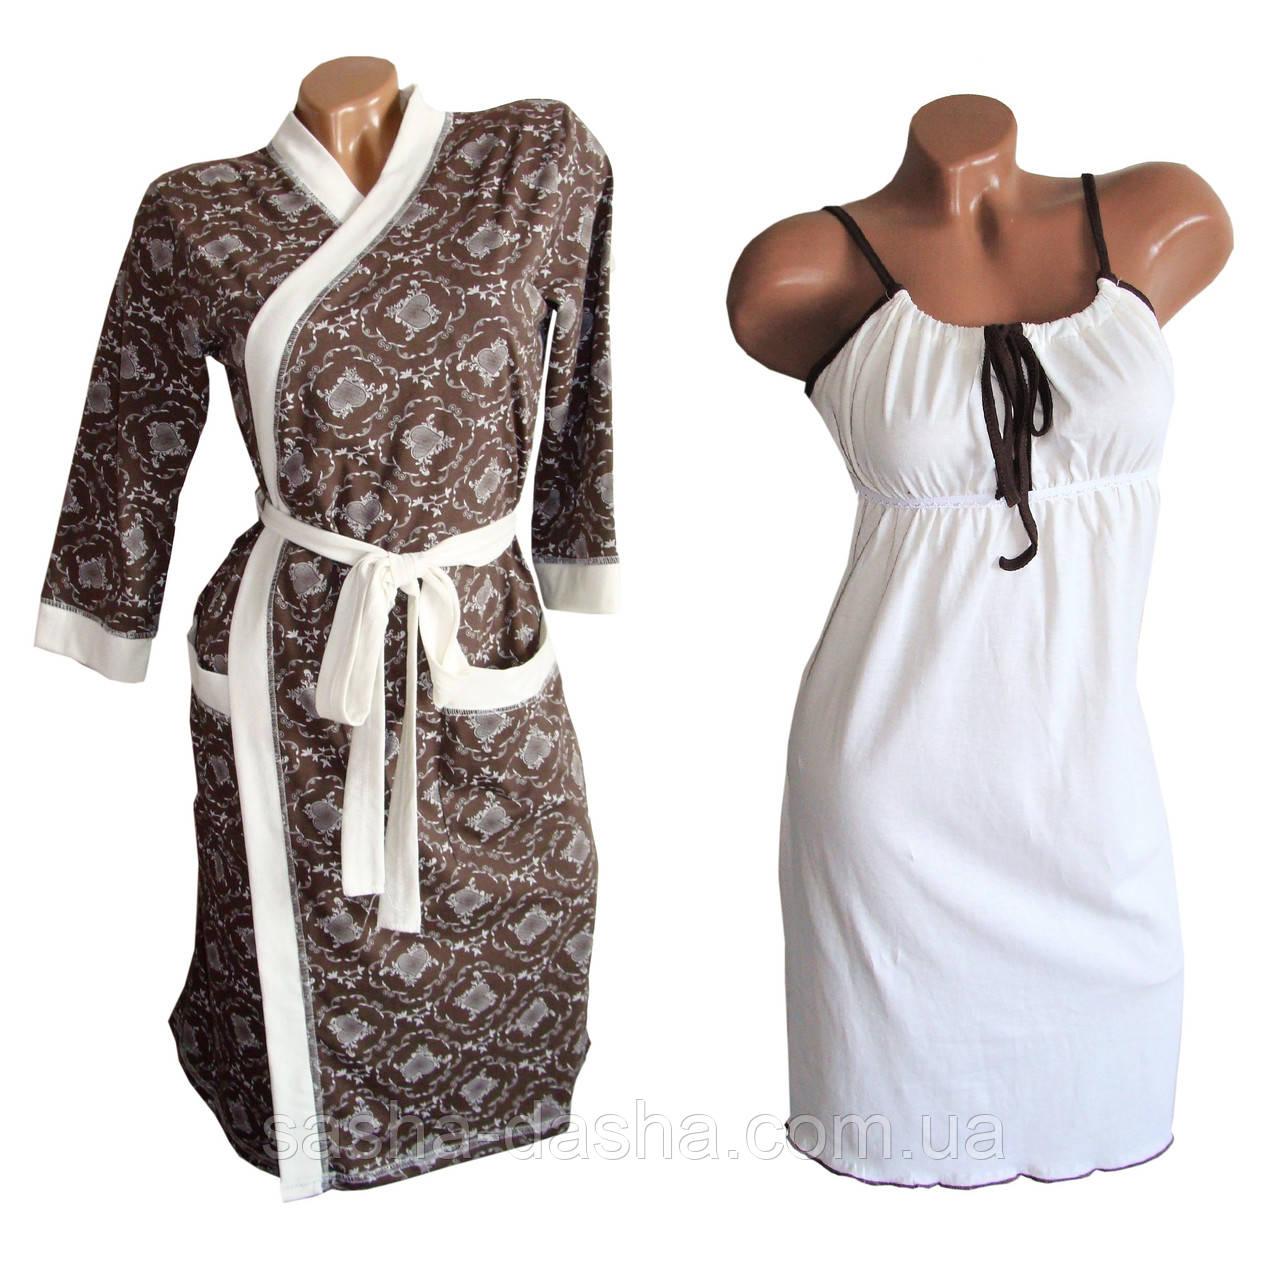 Халат и ночная рубашка в роддом.  продажа 7812314d5edfb